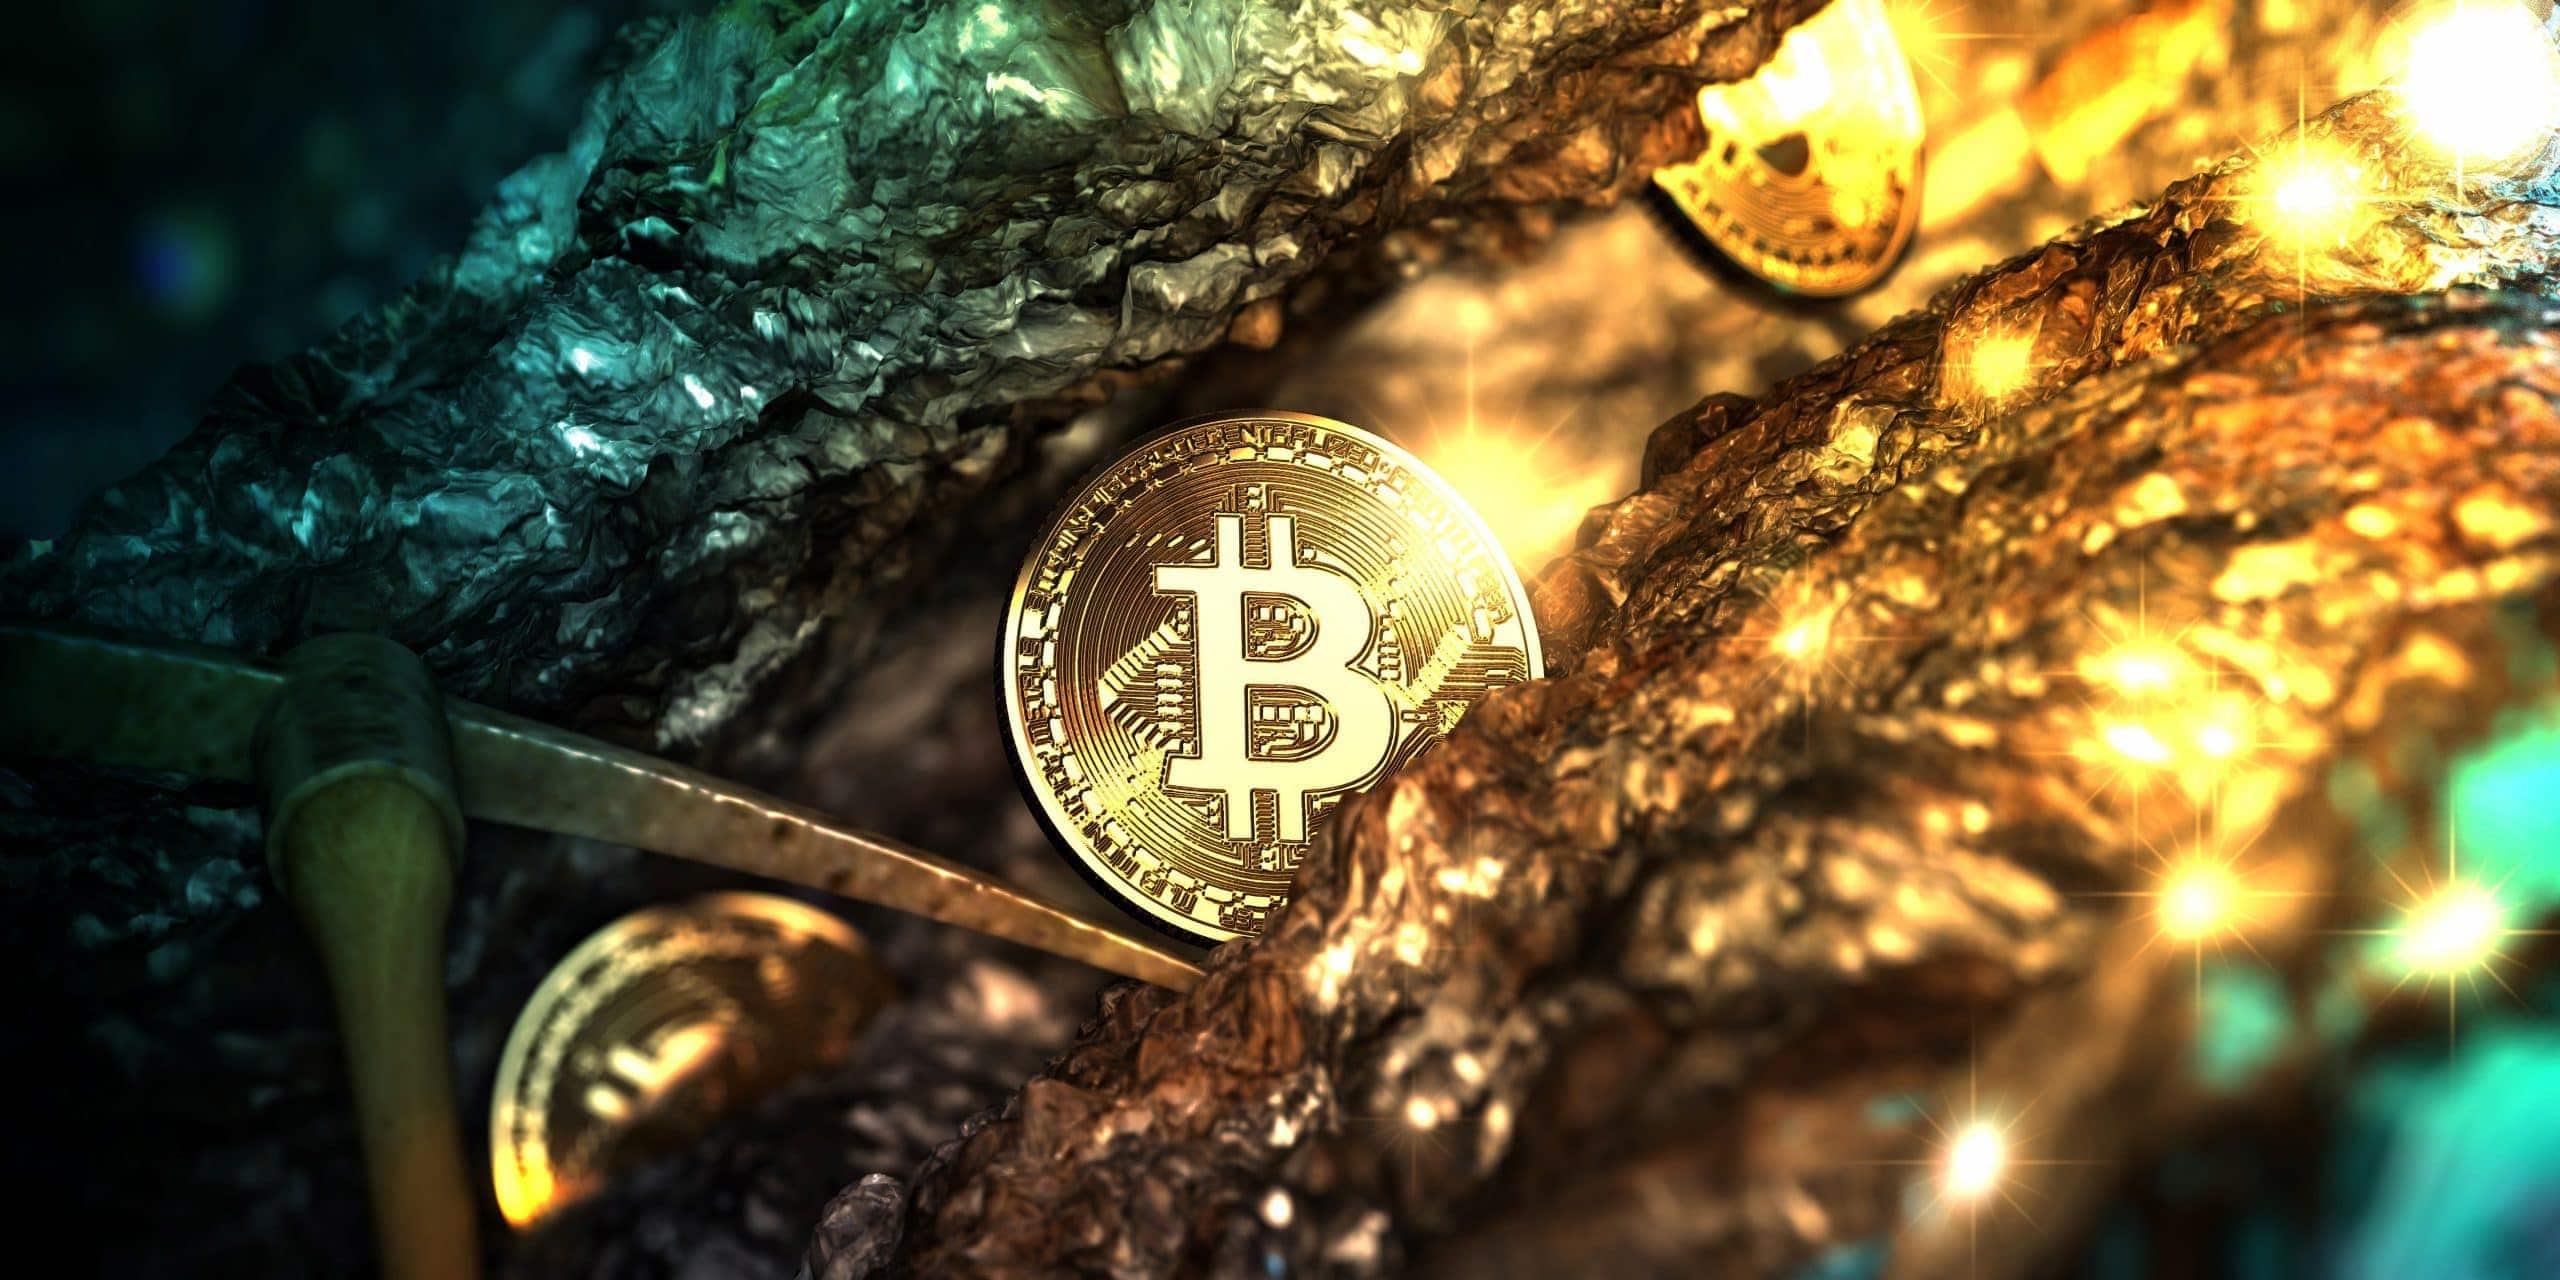 Eine Bitcoin Münze liegt in einer Goldmine neben einer Hacke.